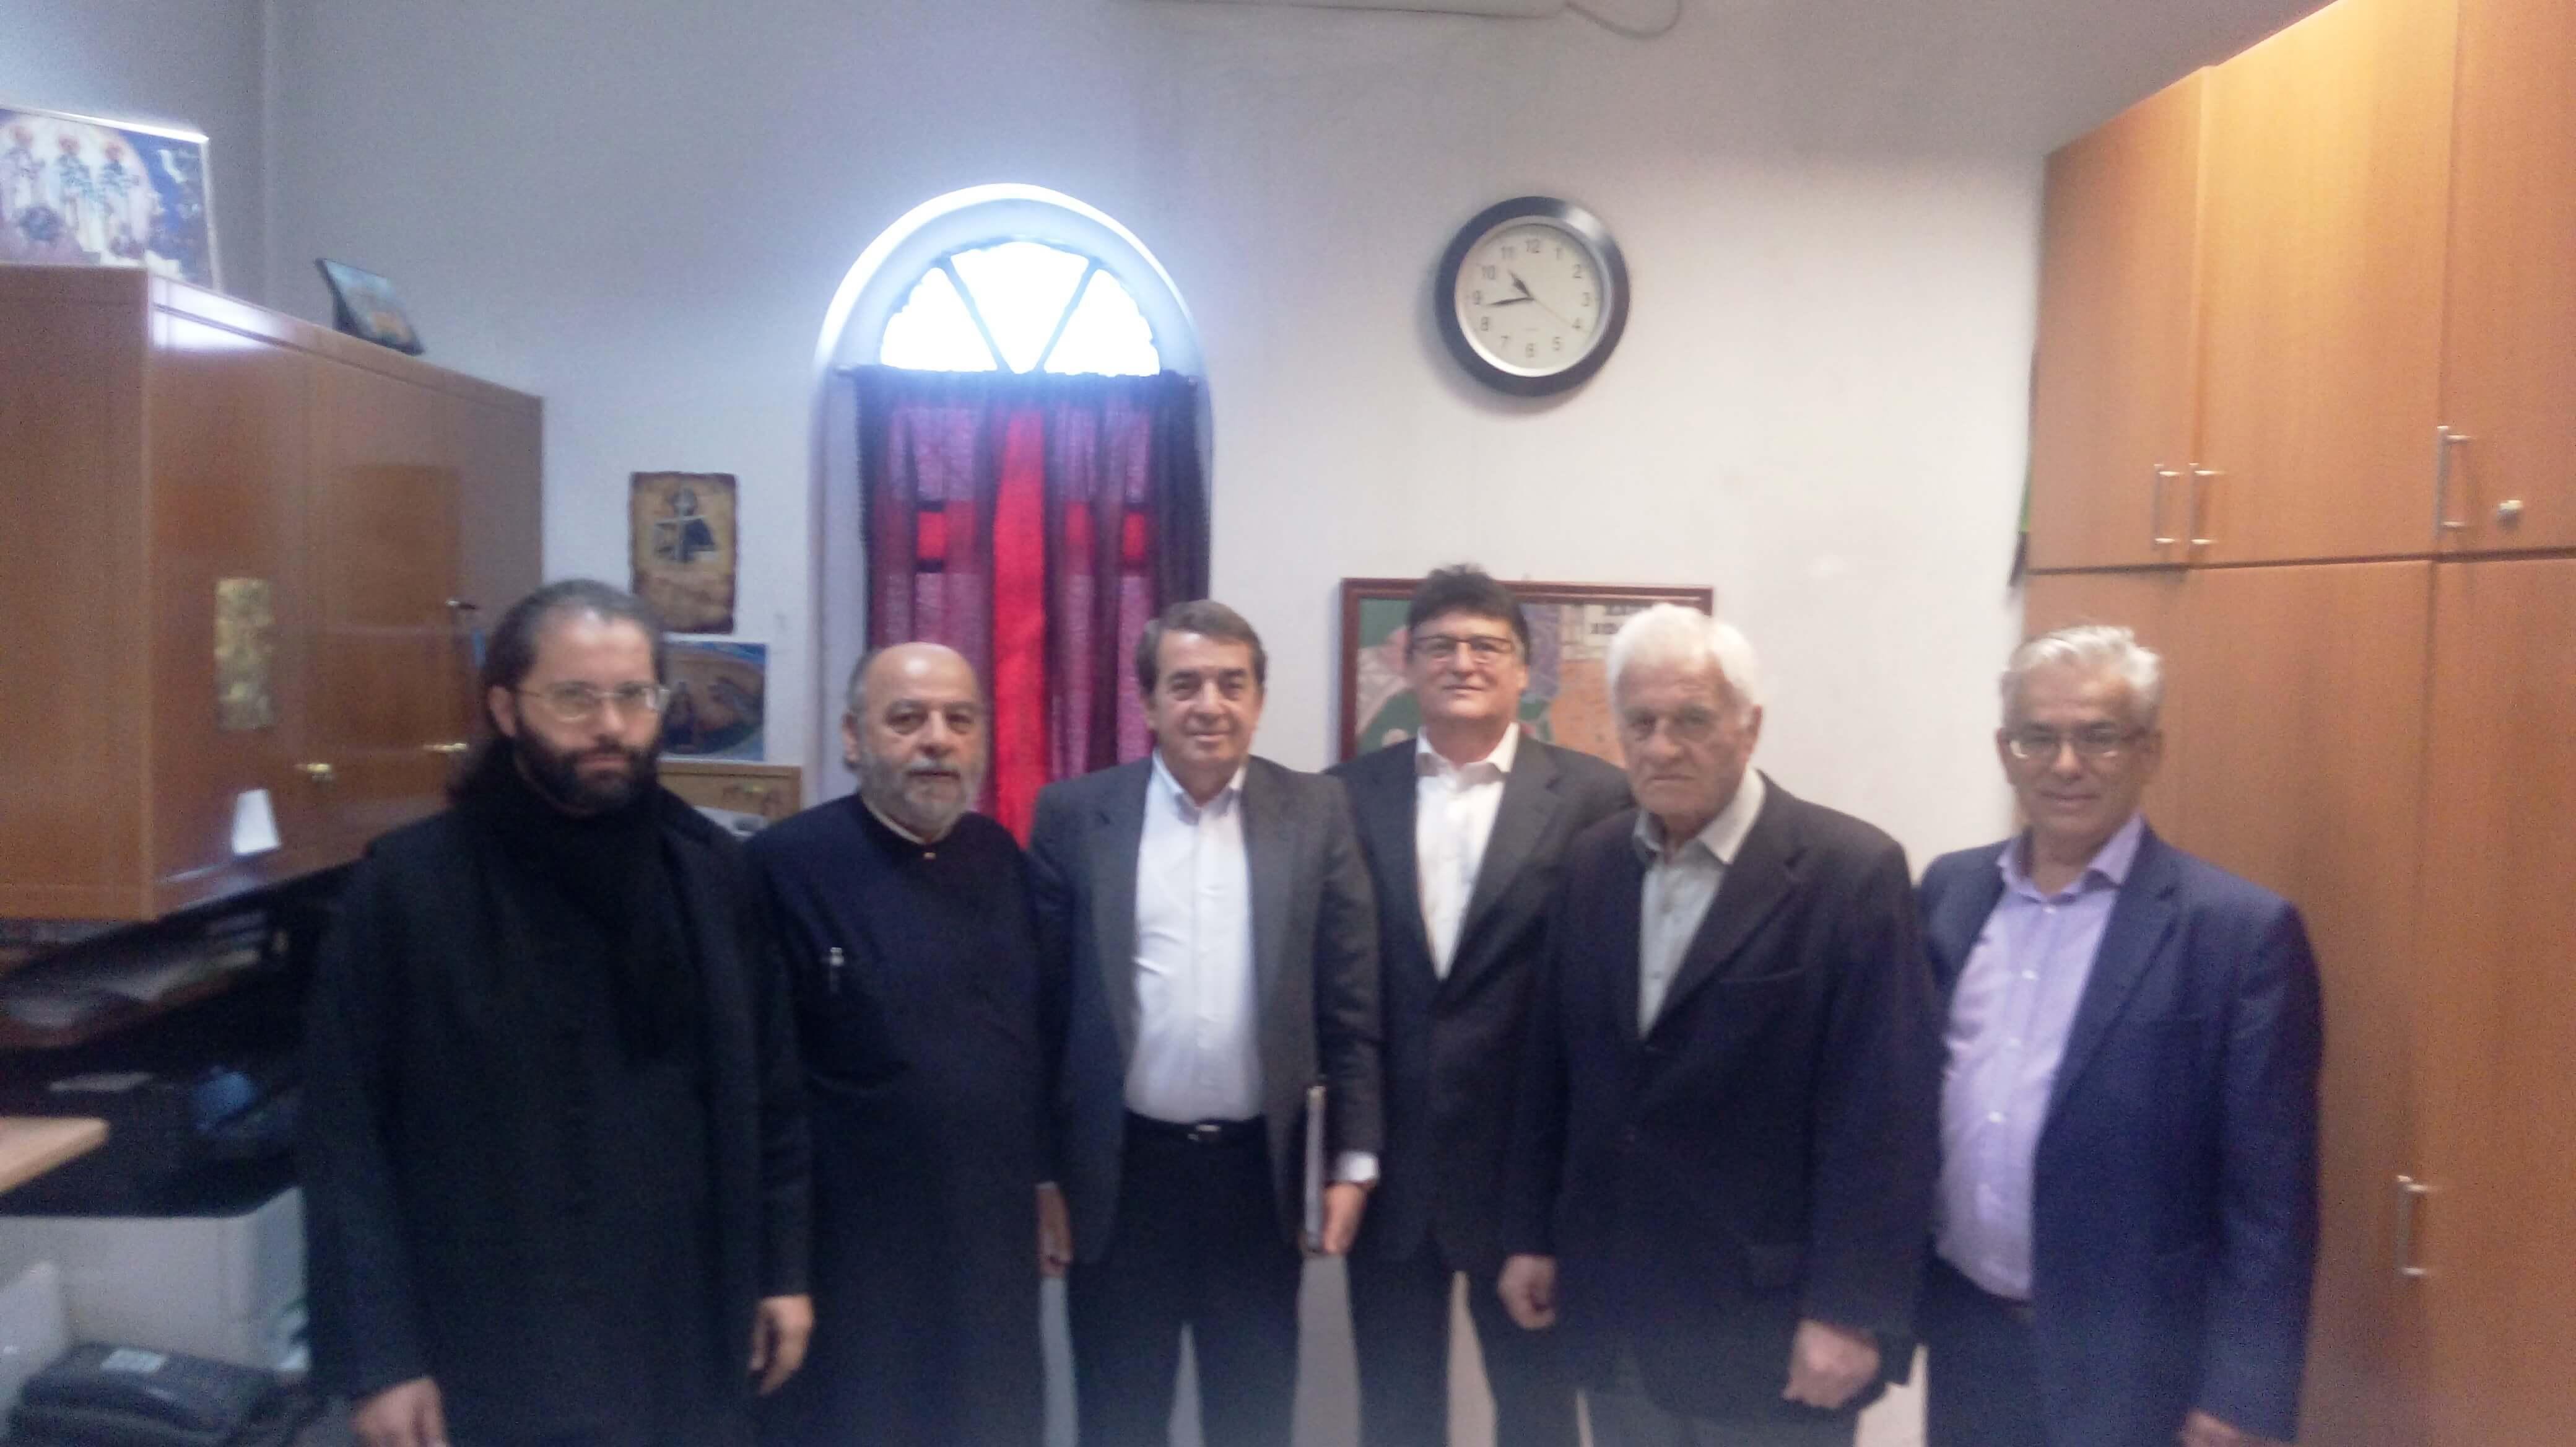 Συνάντηση Υποψηφίου Δημάρχου με Εκκλησιαστικό Συμβούλιο Ιερού Ναού Αγίας Τριάδος